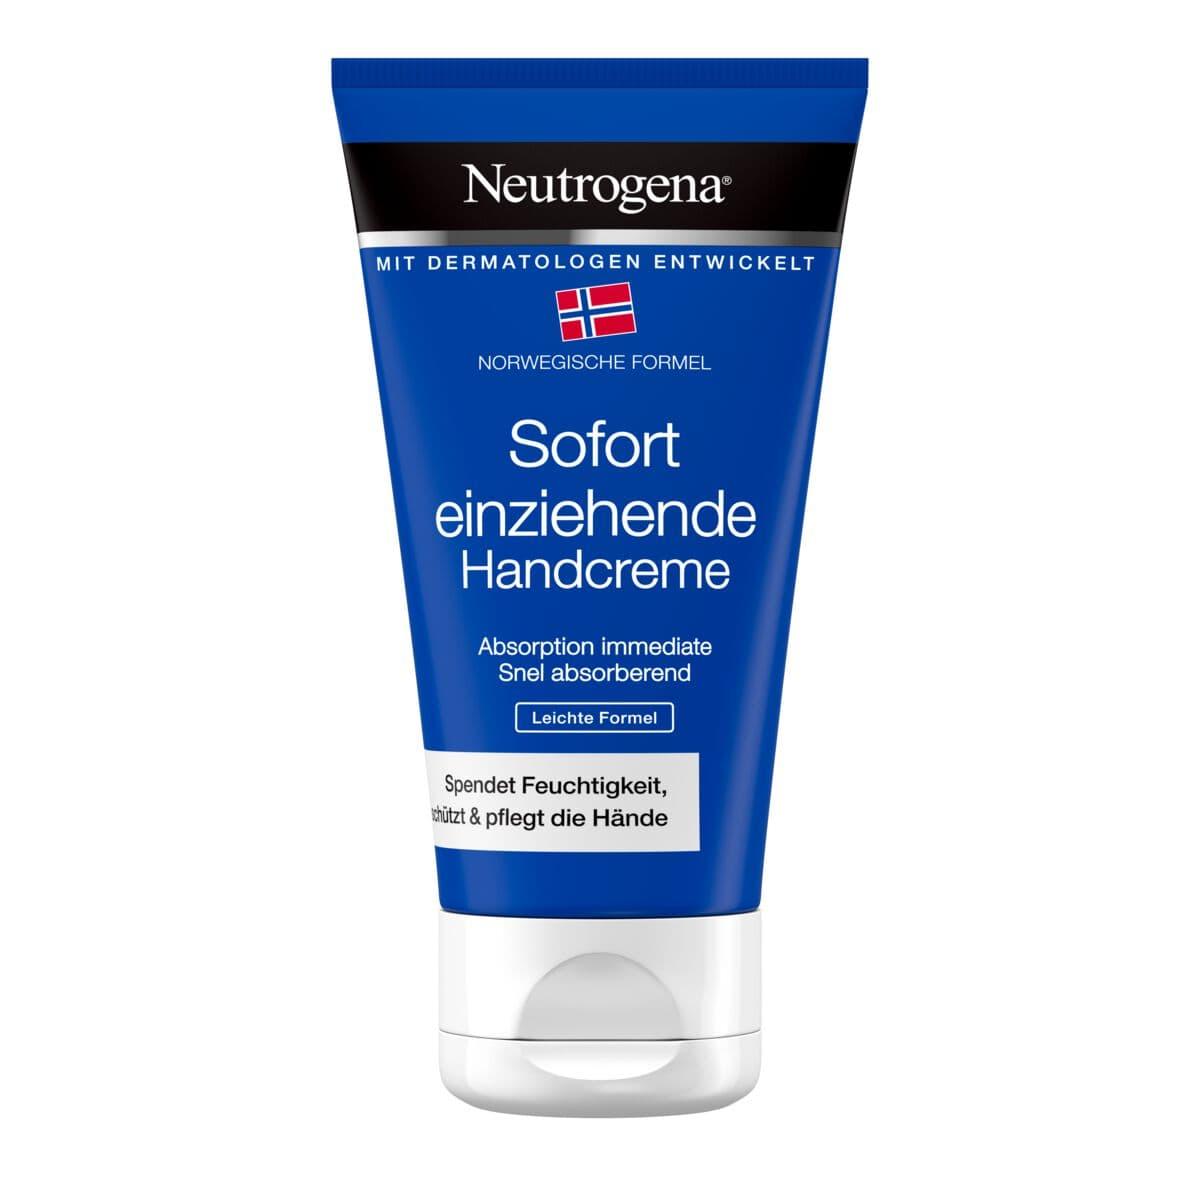 Crème pour les mains Neutrogena avec pénétration immédiate